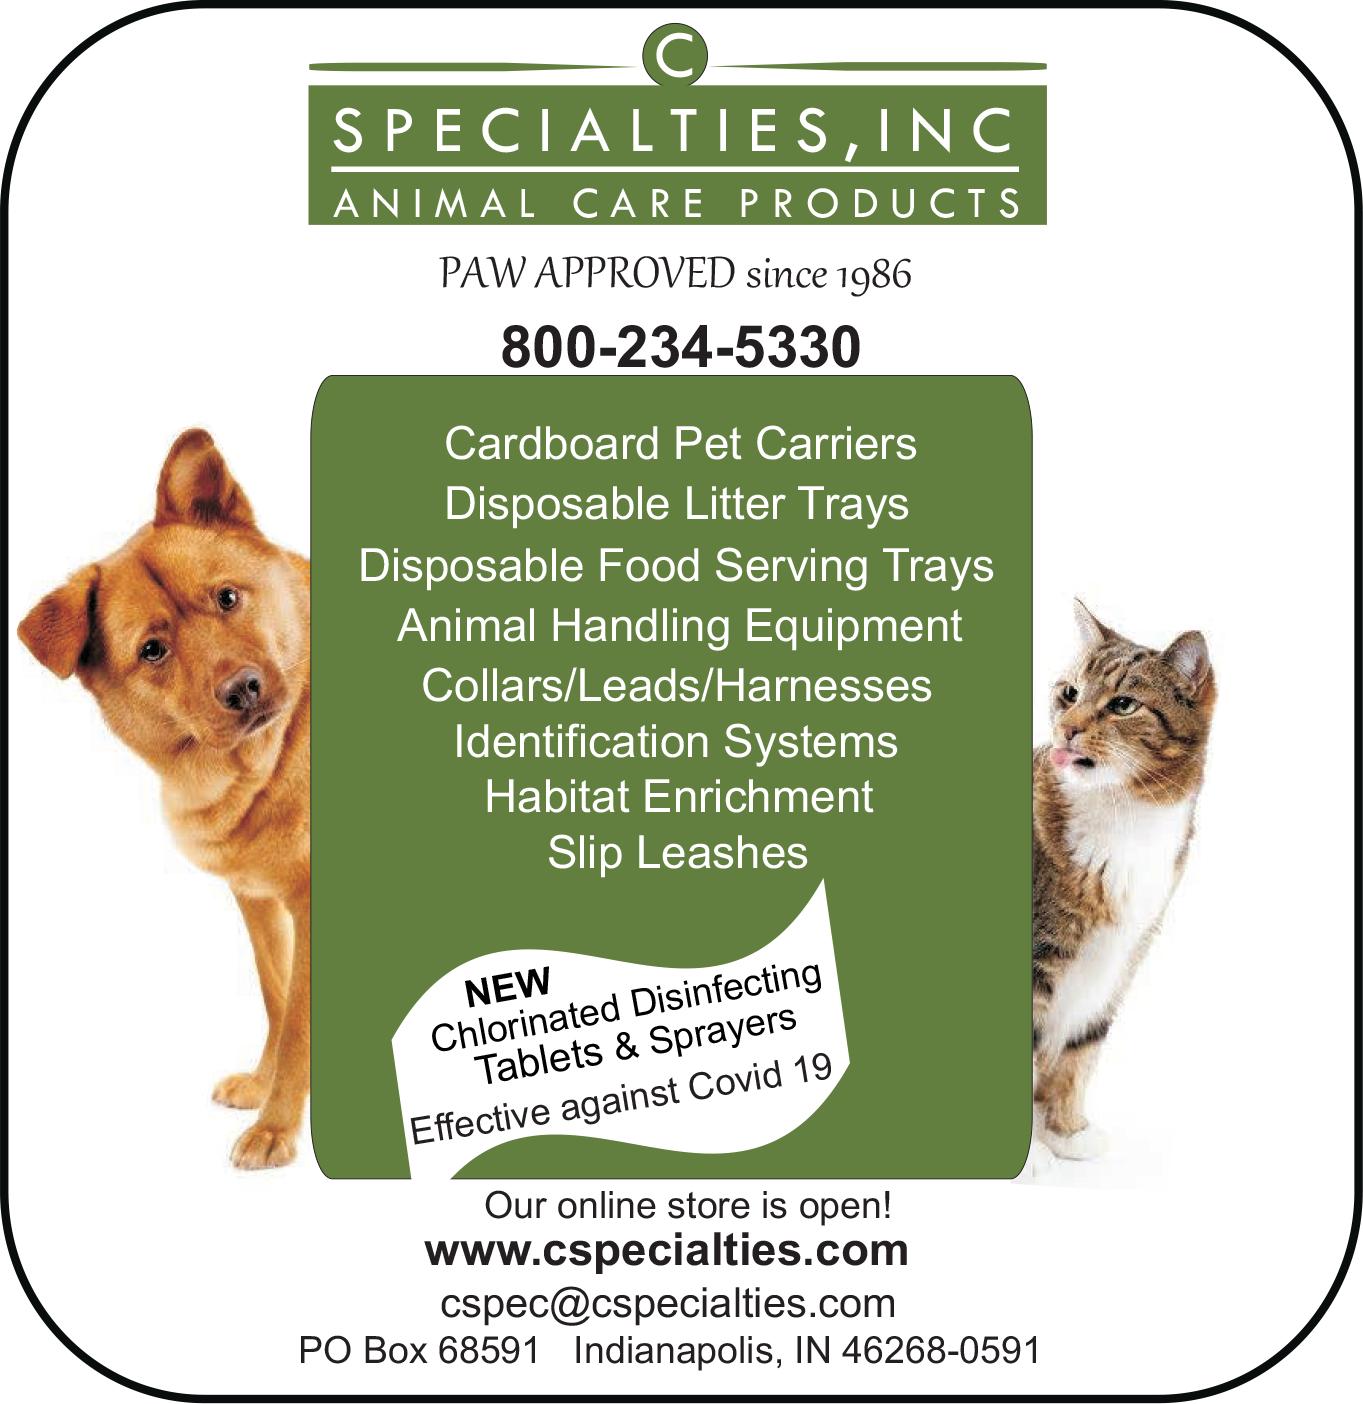 C Specialties